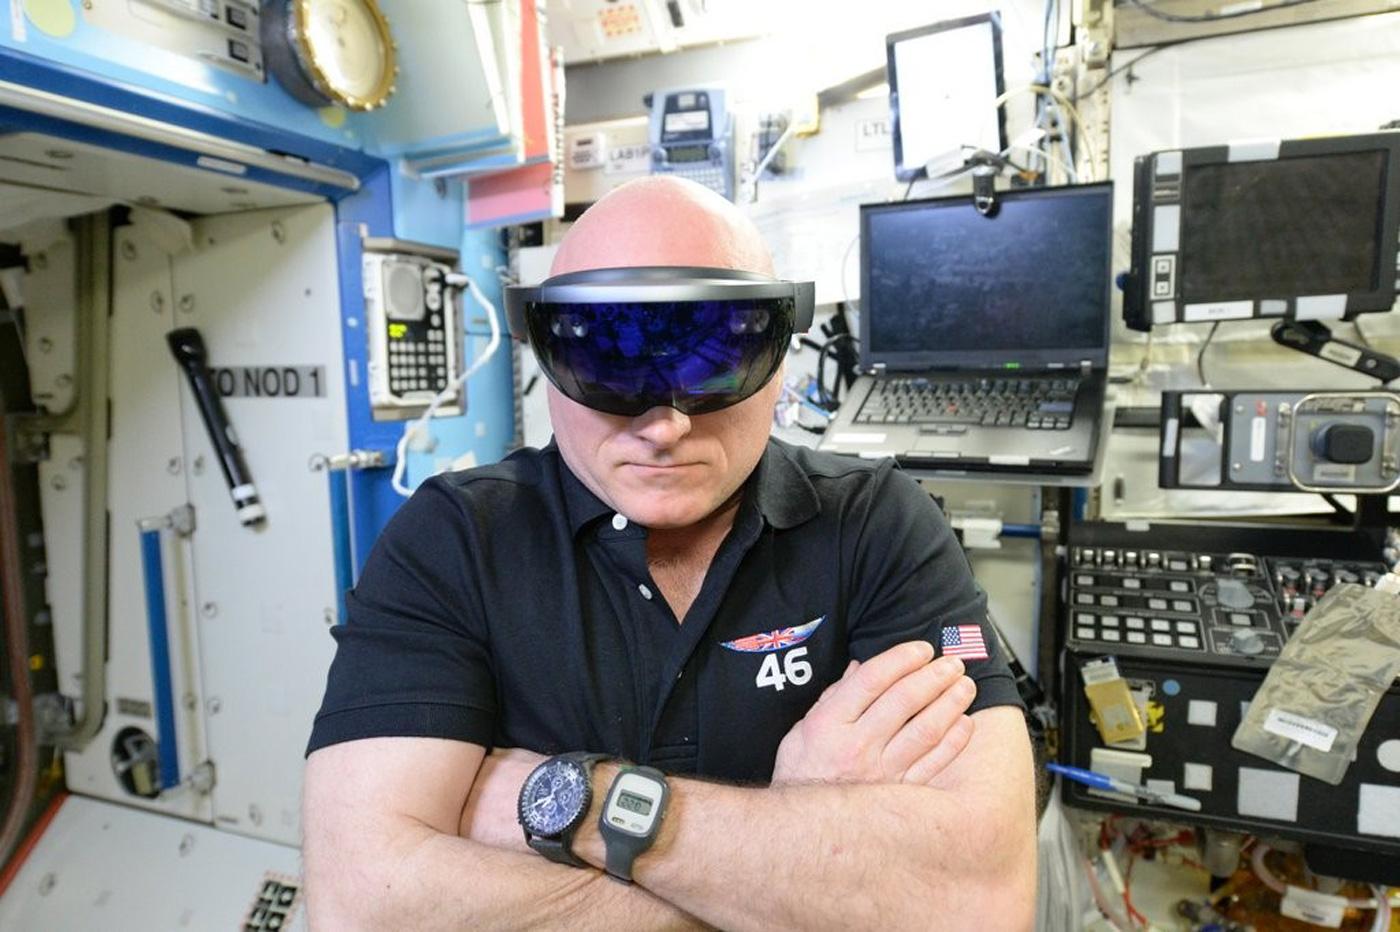 Космонавты тестируют видеоочки Hololens от Microsoft на МКС - 1